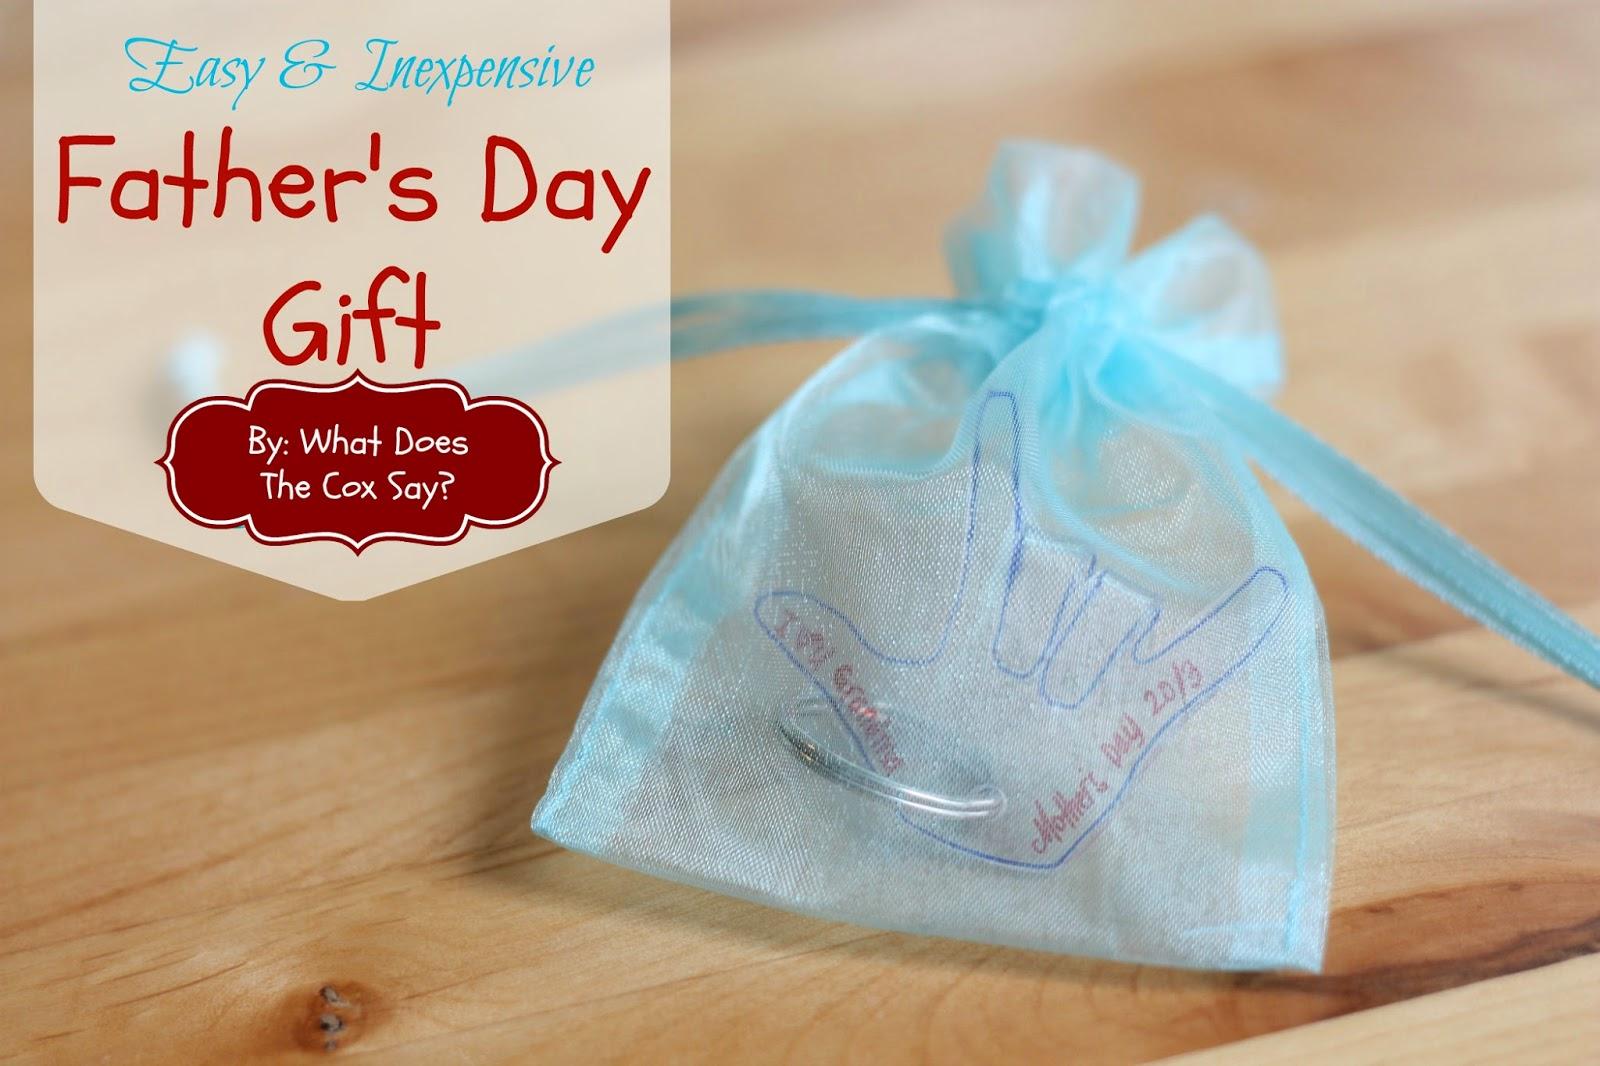 #fathersday #fathersdaygift